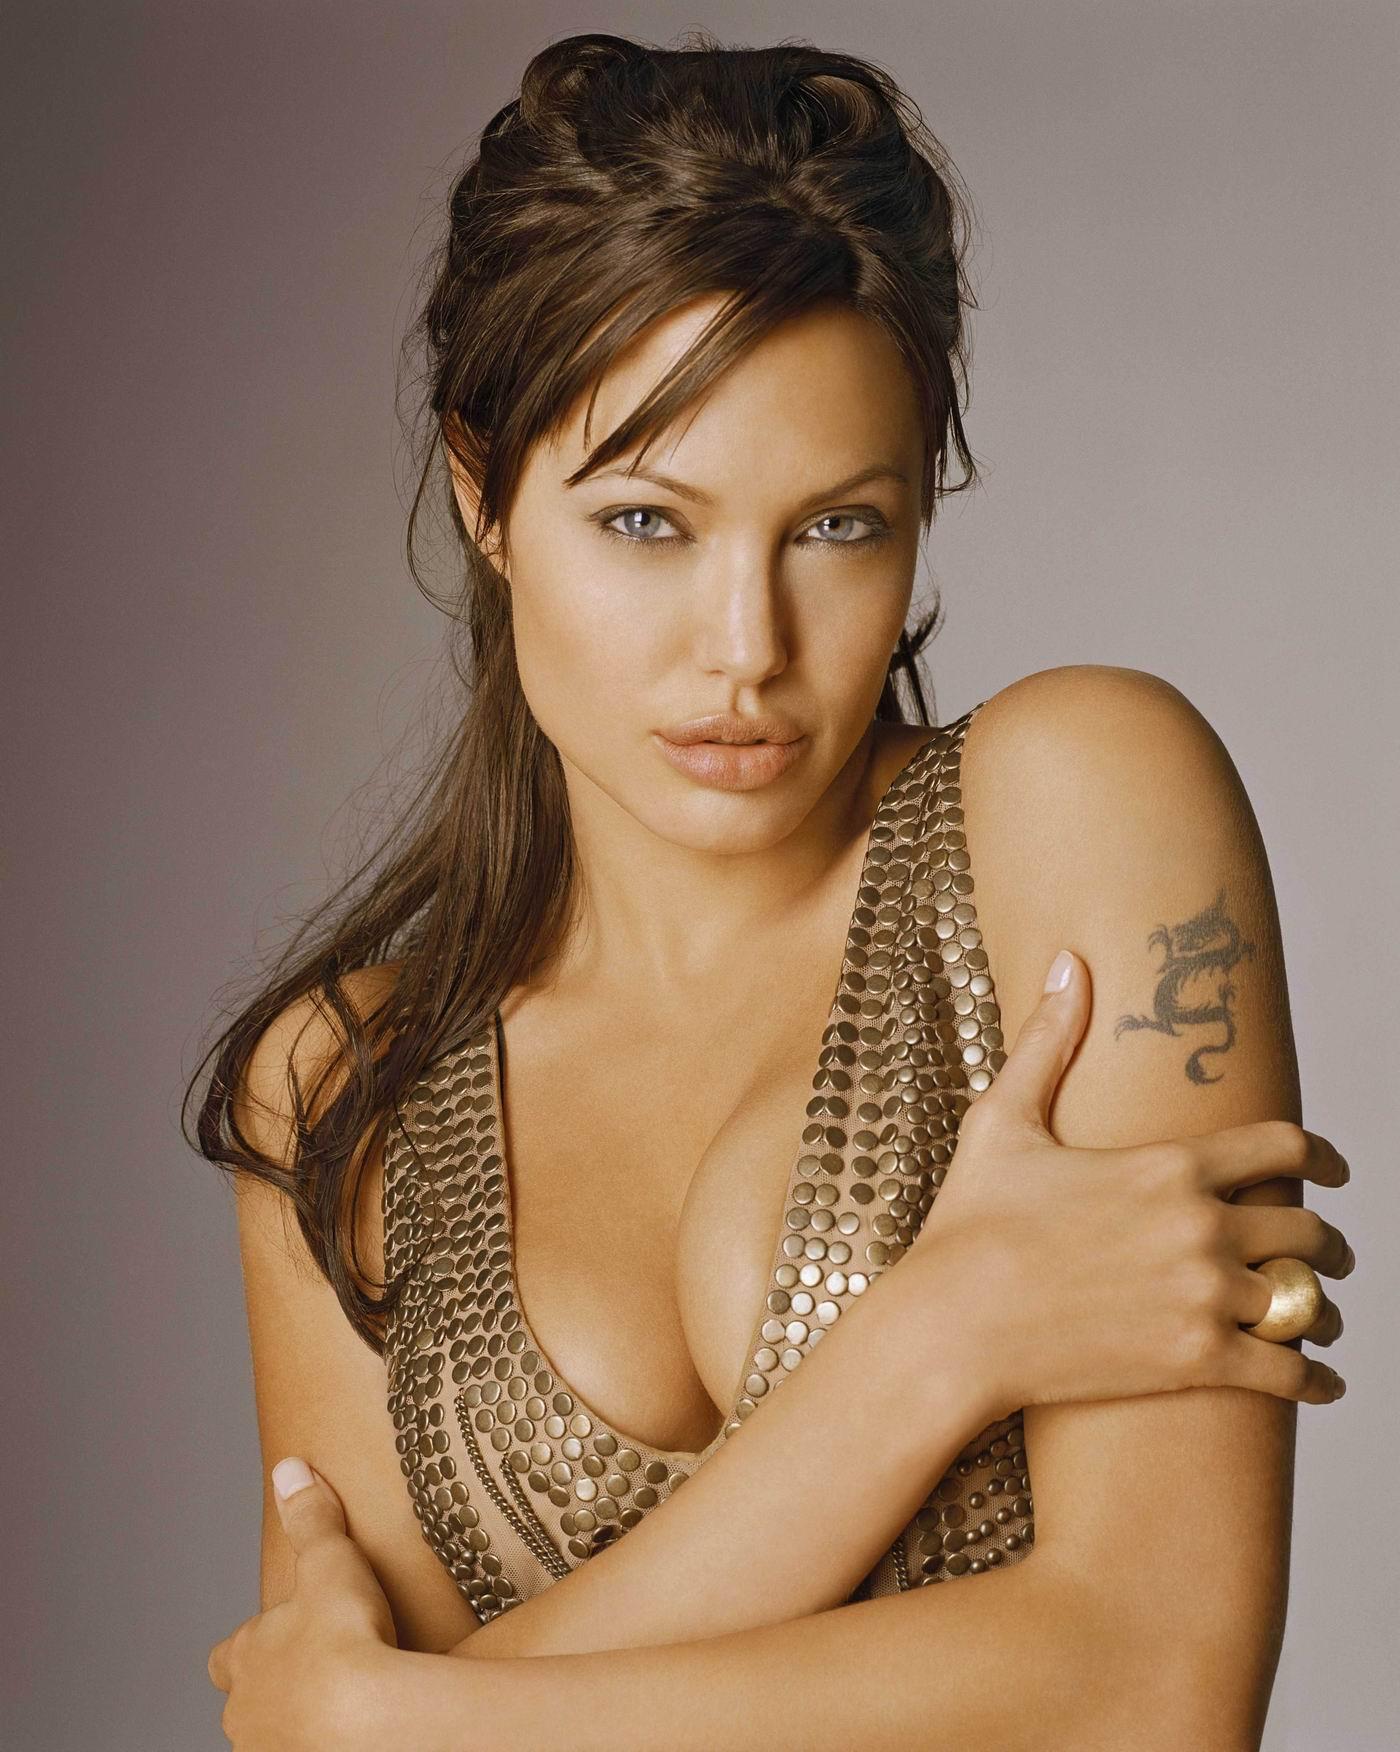 نتيجة بحث الصور عن 2. أنجلينا جولي